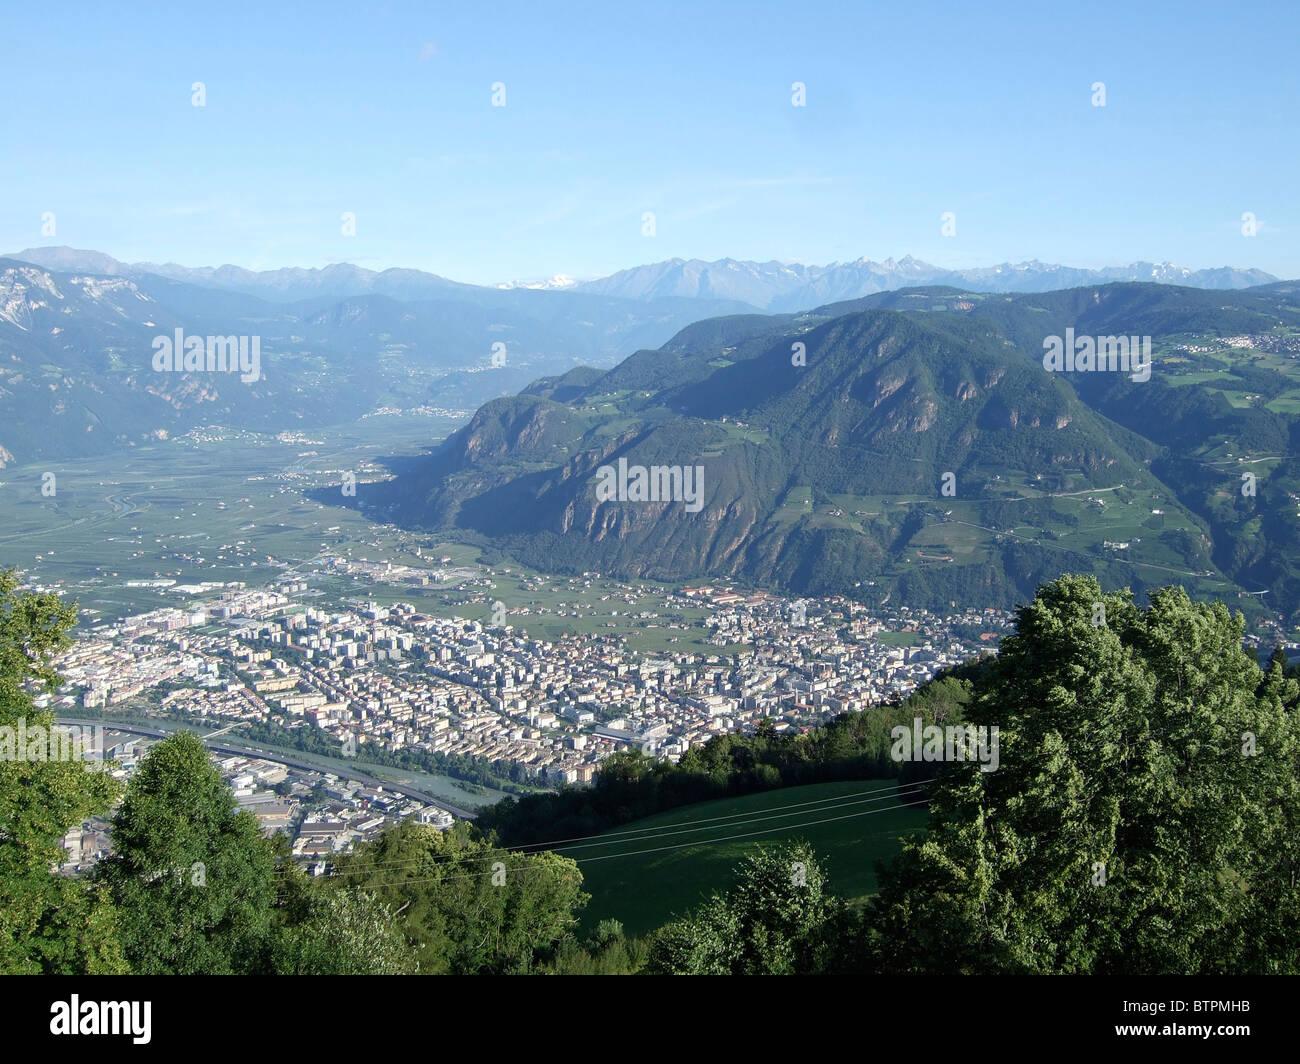 Italy, Alto Adige, Bolzano, Cityscape from hill - Stock Image